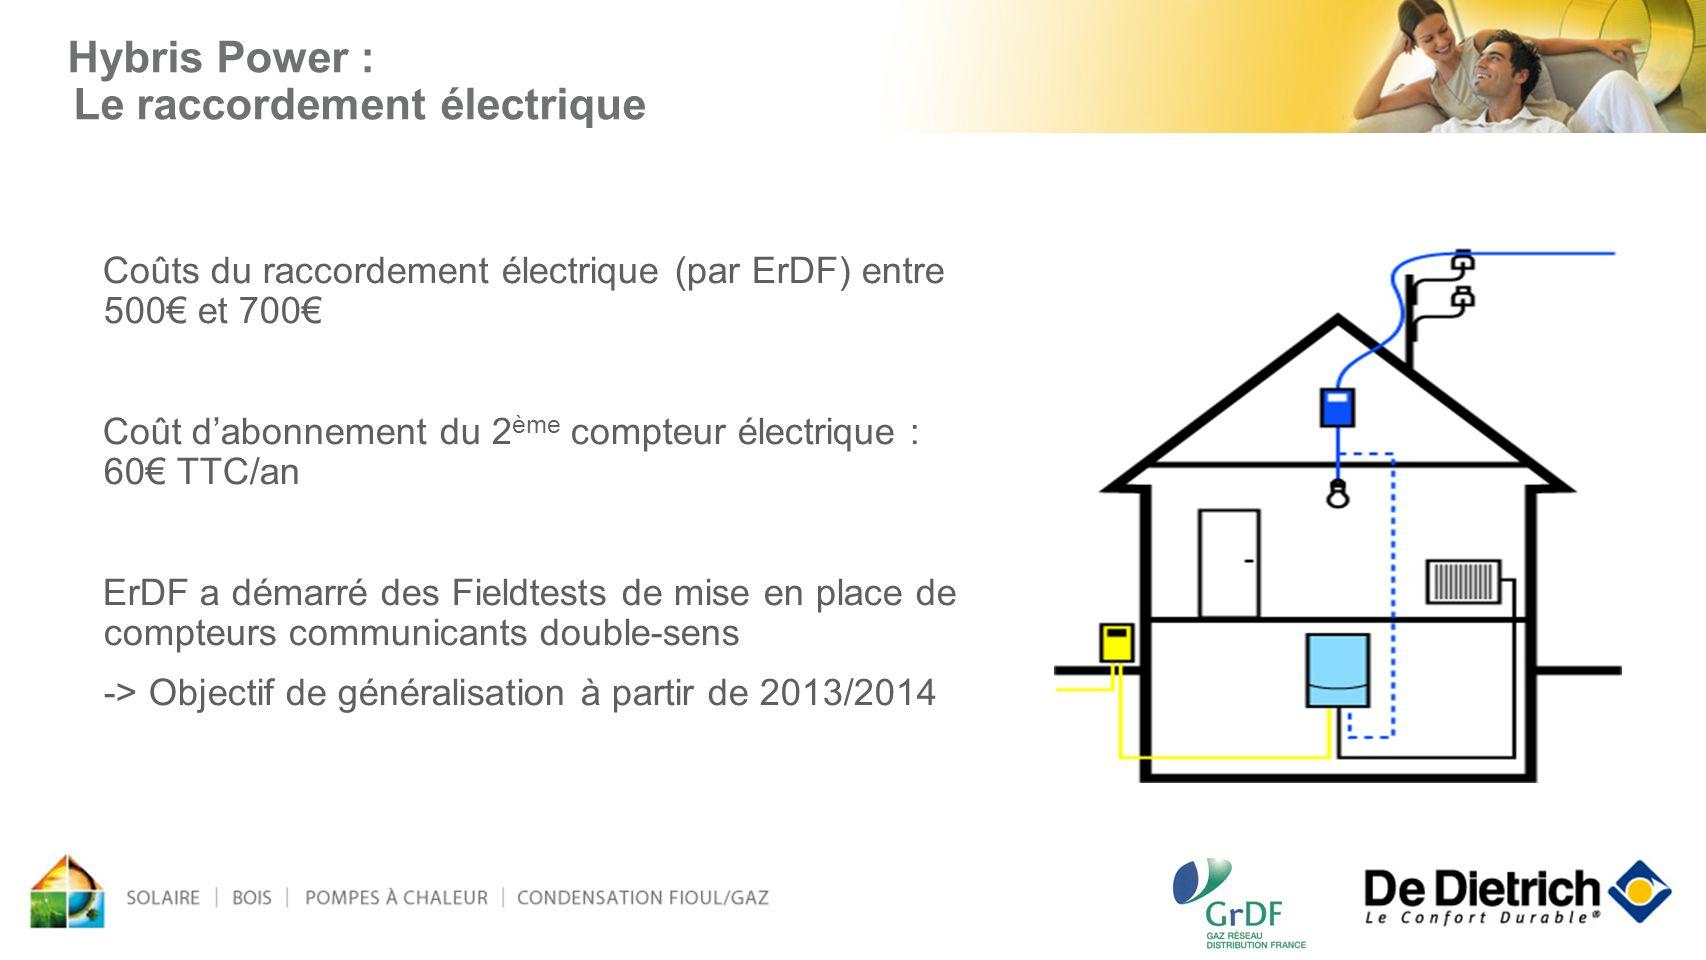 Hybris Power : Le raccordement électrique